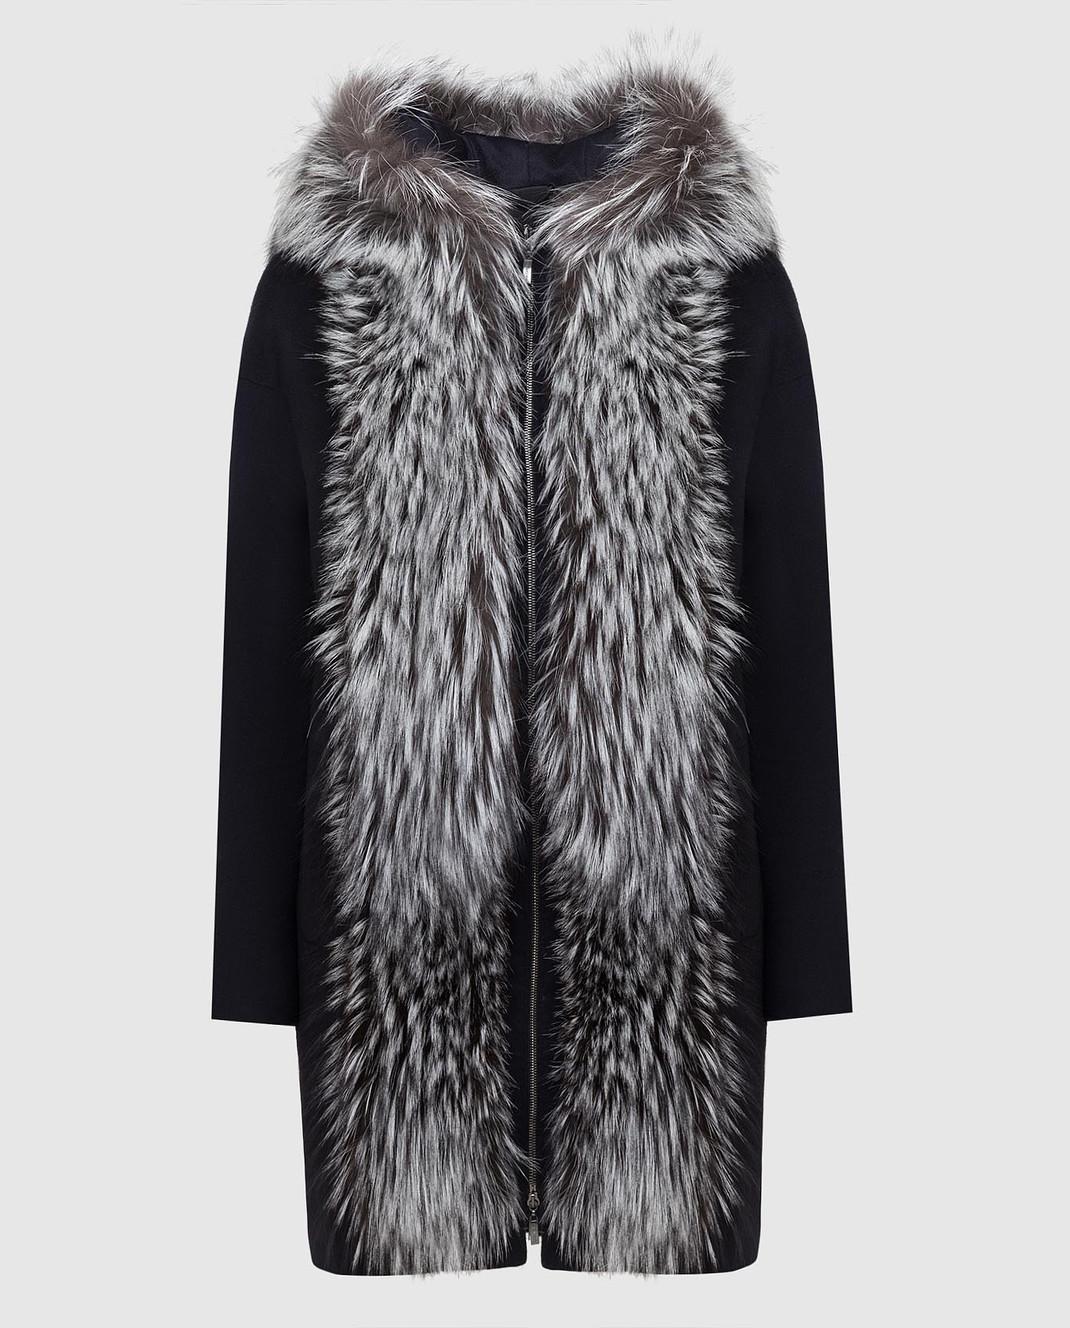 Via Cappella Темно-синее пальто из кашемира с мехом лисы P11785CASHMERE